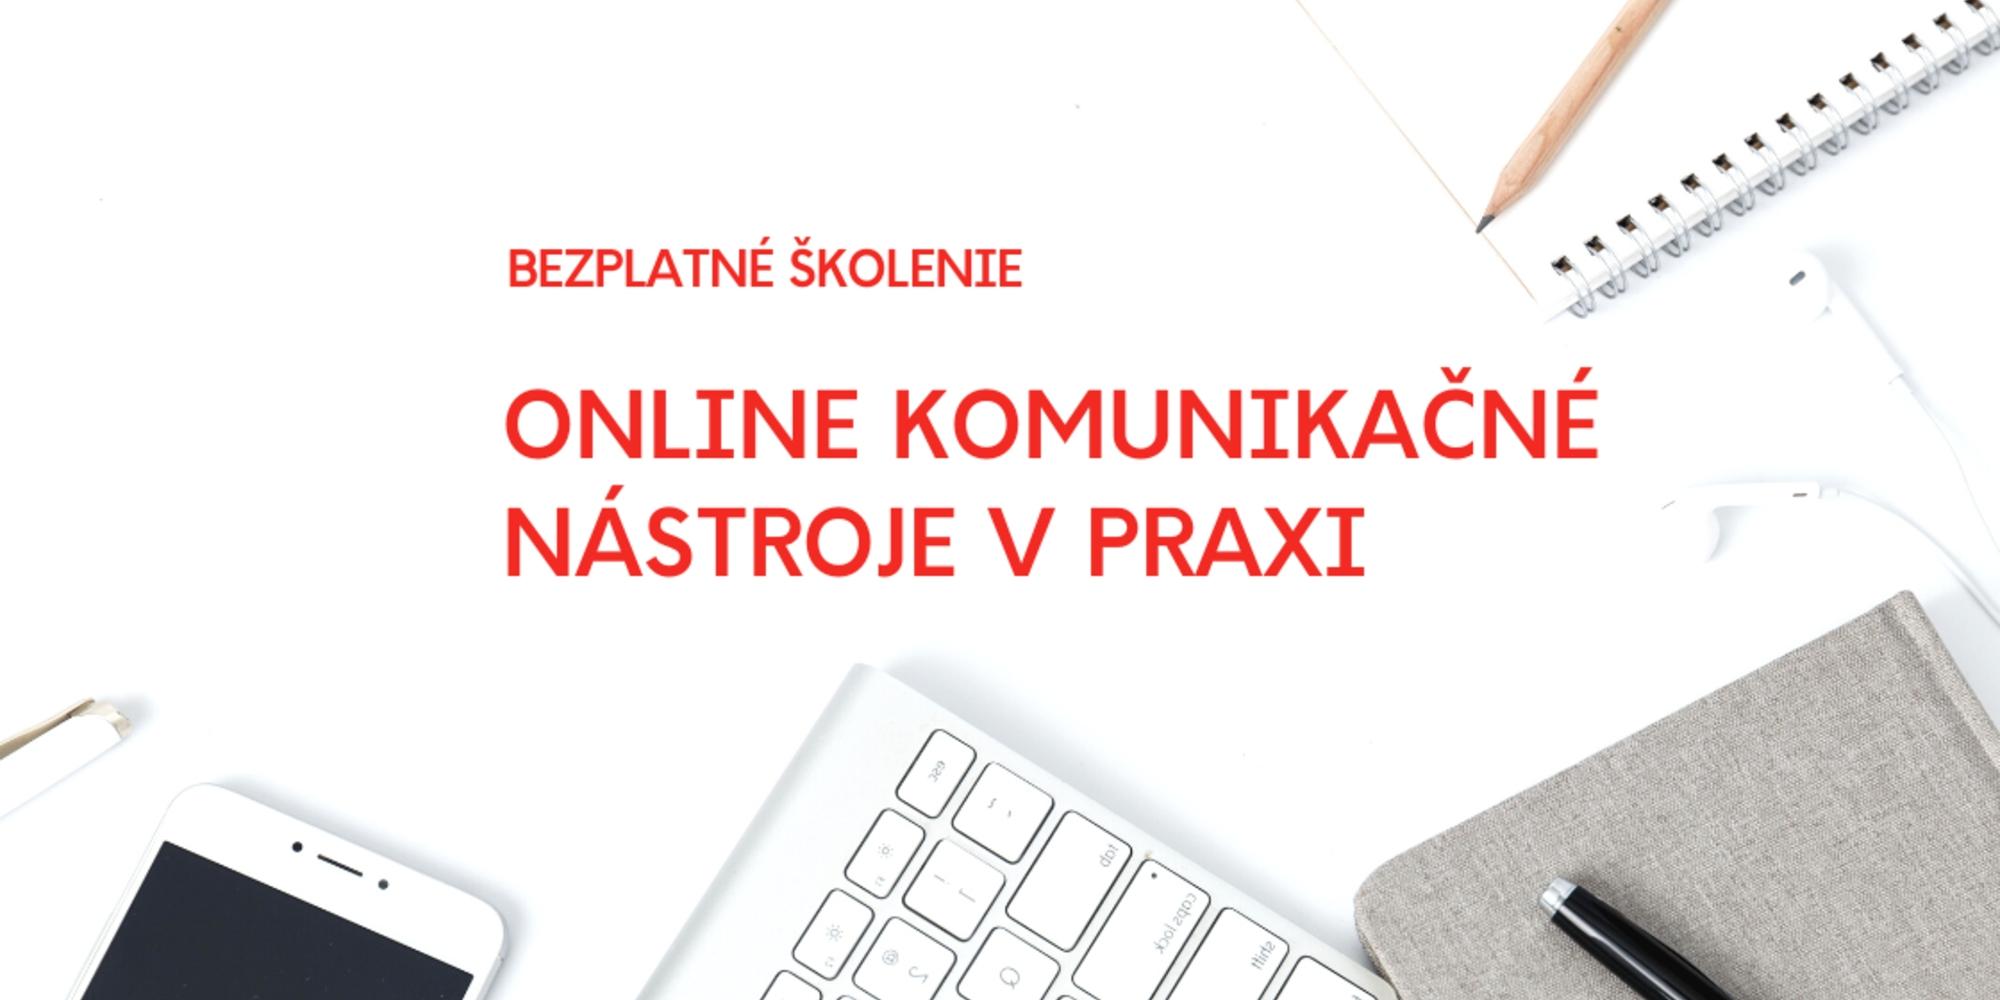 Školenie – online komunikačné nástroje